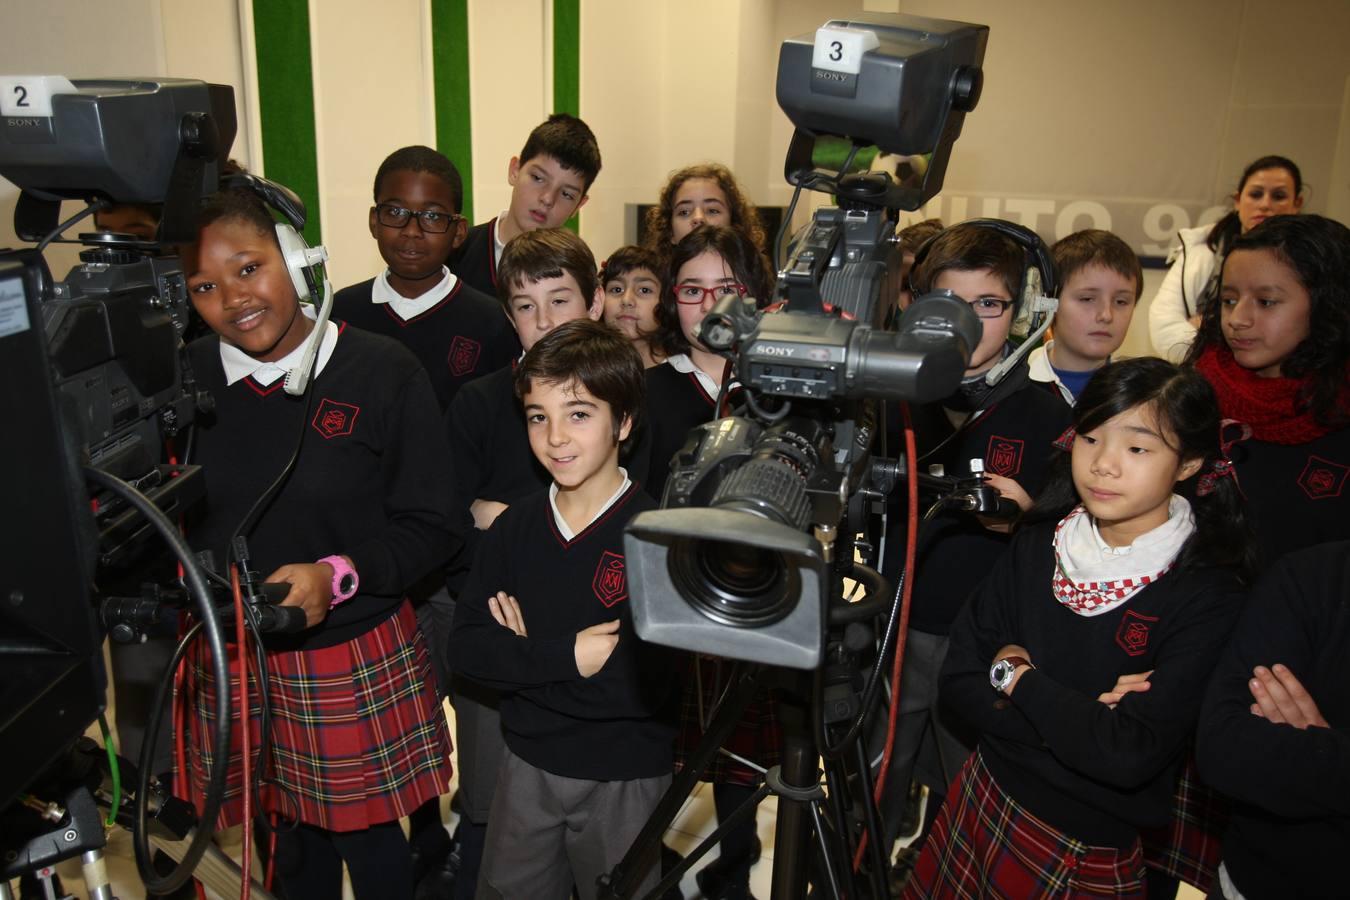 Visita de los alumnos de 5ºB de La Enseñanza a Nueva Rioja (II)